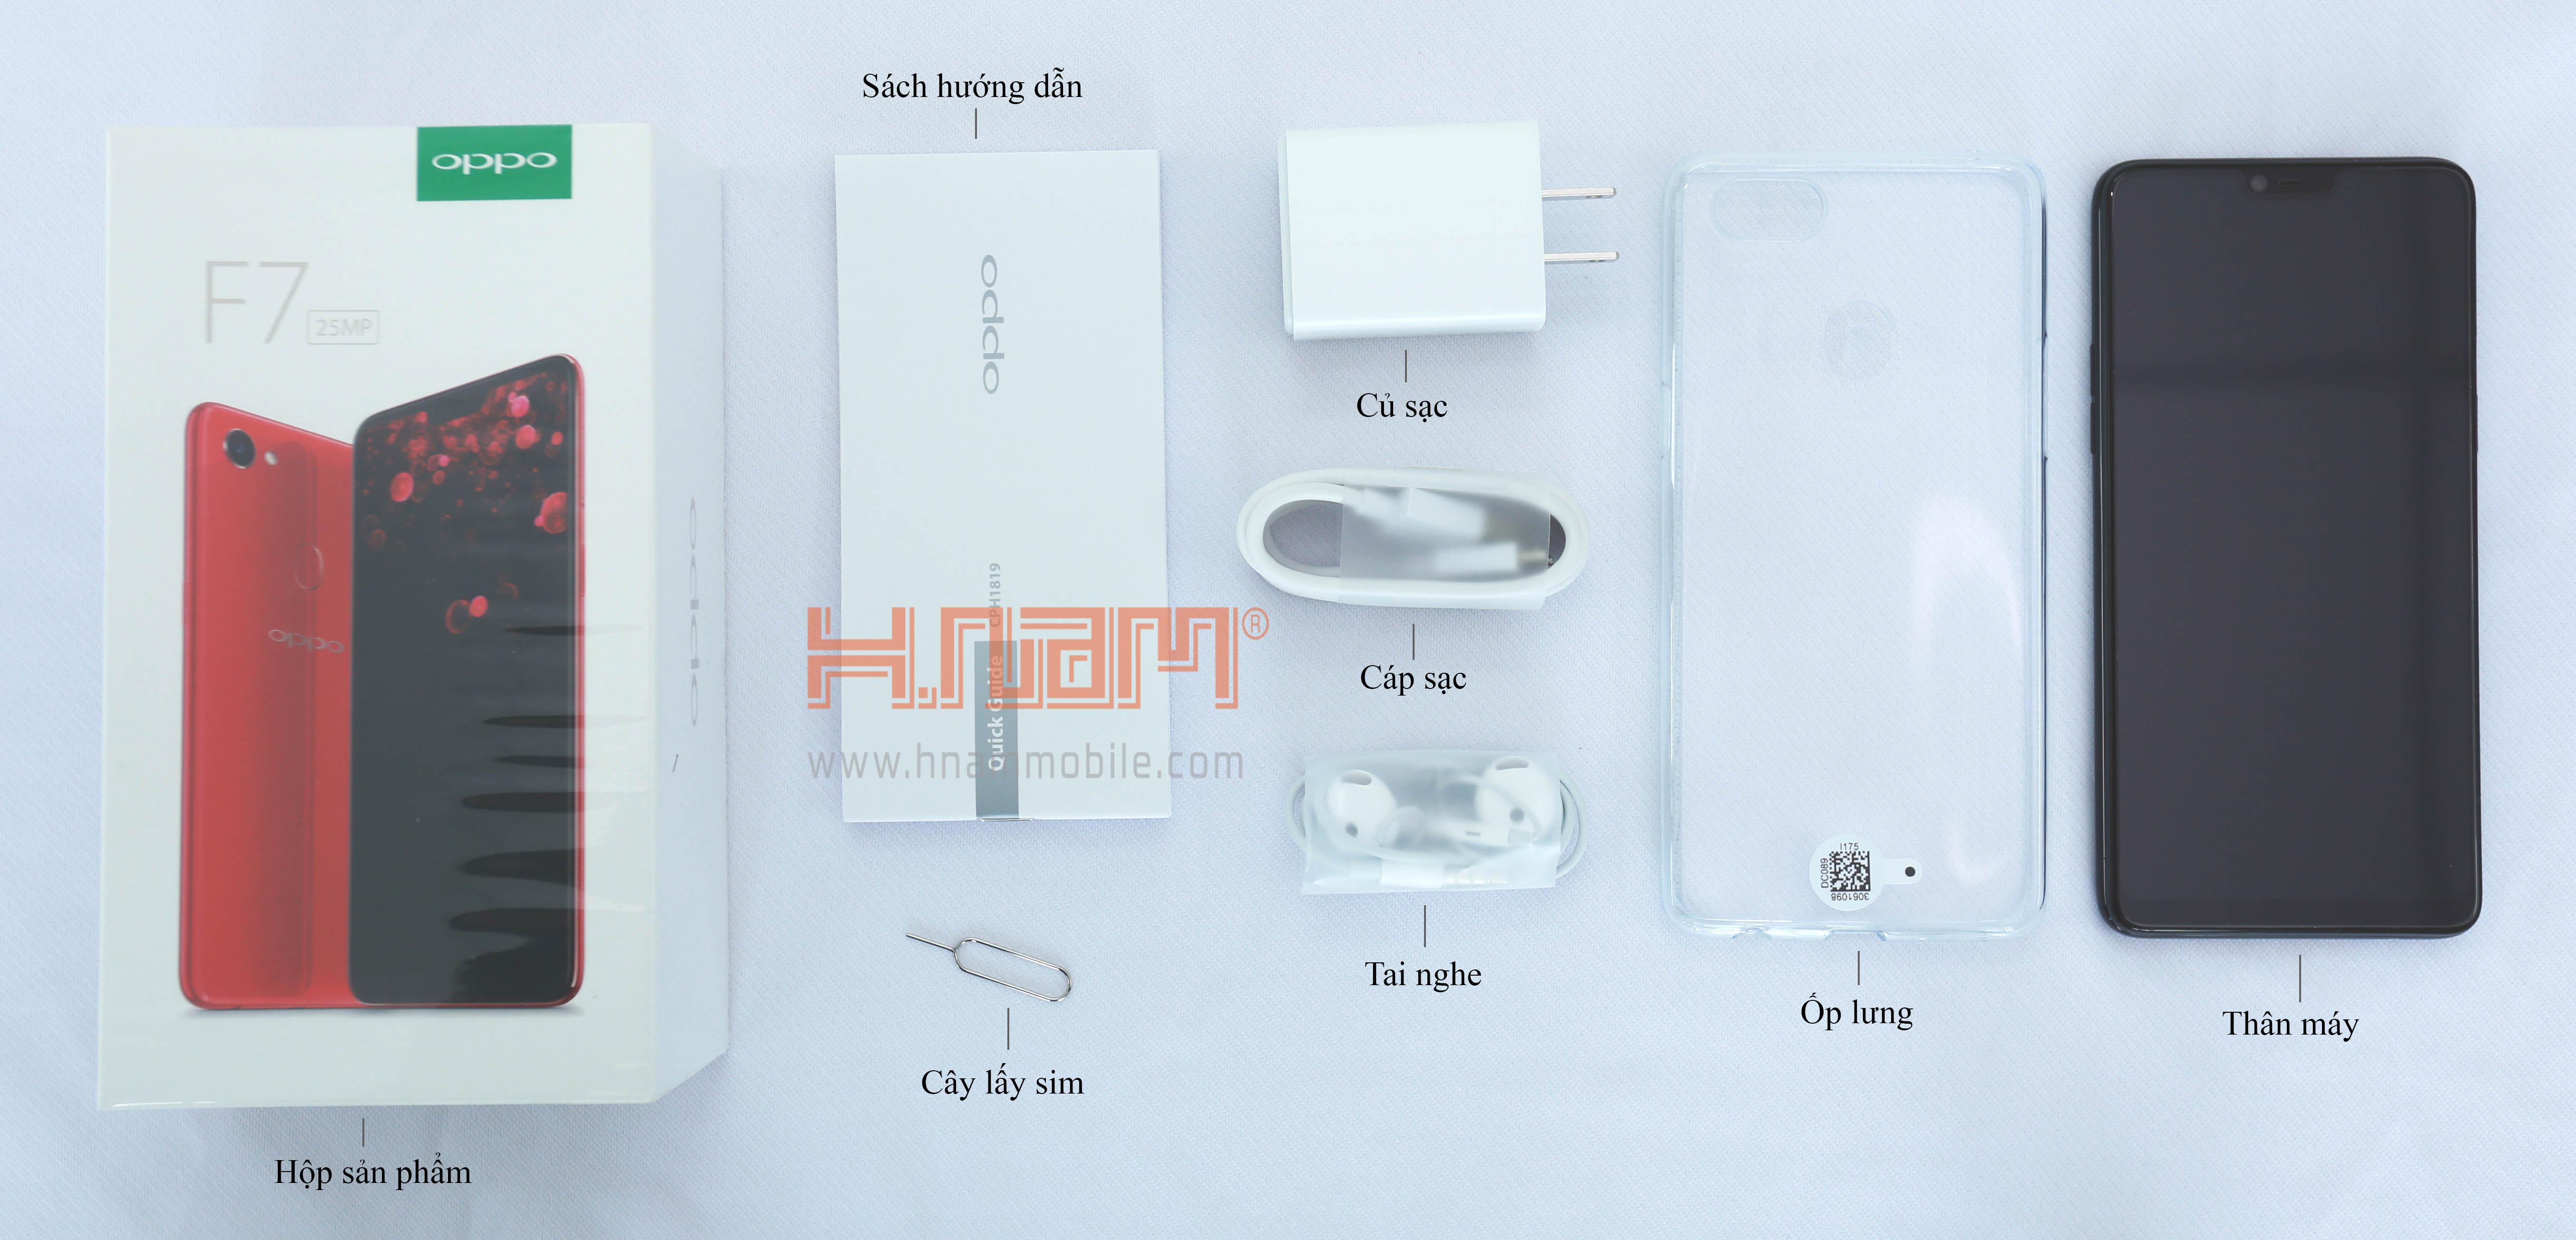 Oppo F7 64Gb hình sản phẩm 1